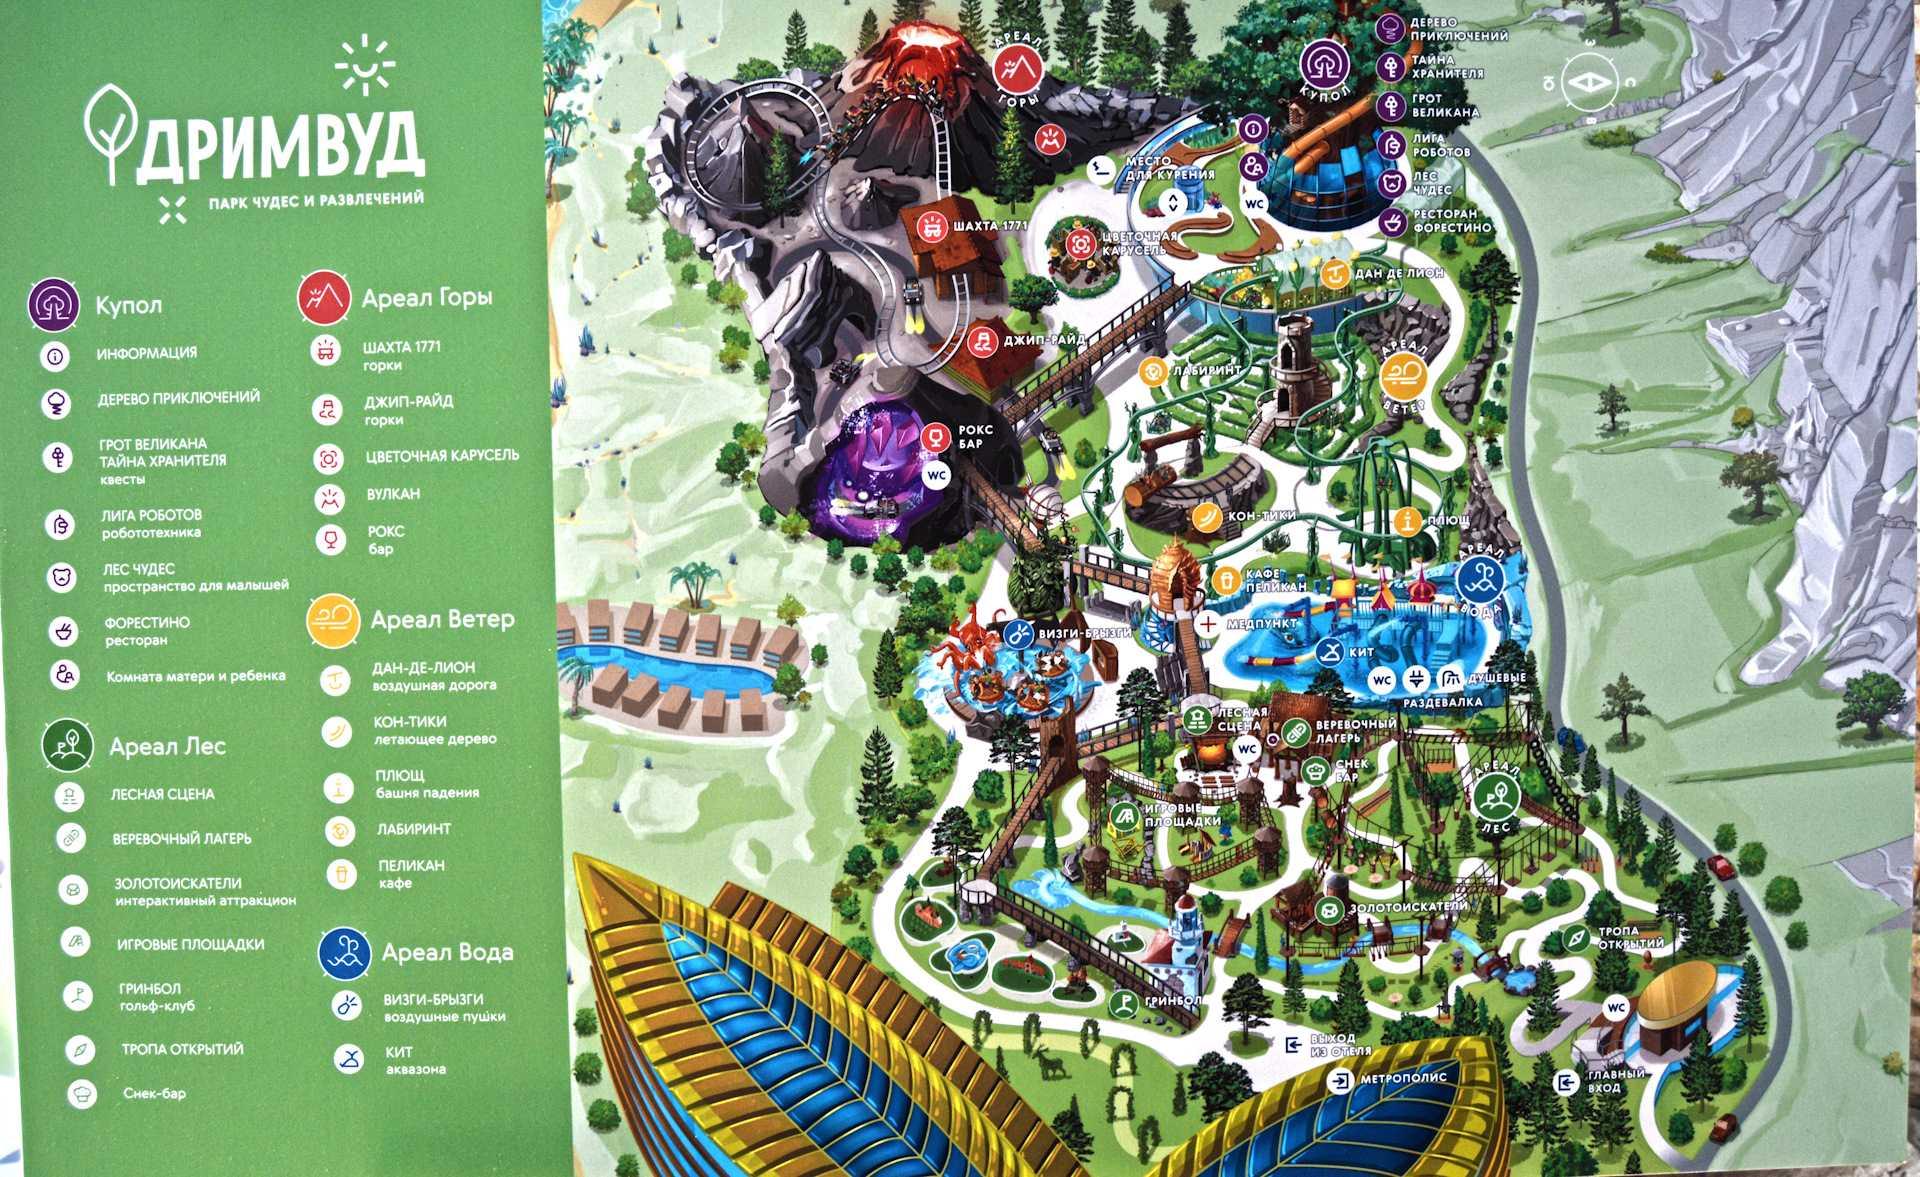 Парк «дримвуд» в ялте: стоимость билетов – цены 2019, как добраться. развлечения и аттракционы. официальный сайт для просмотра информации